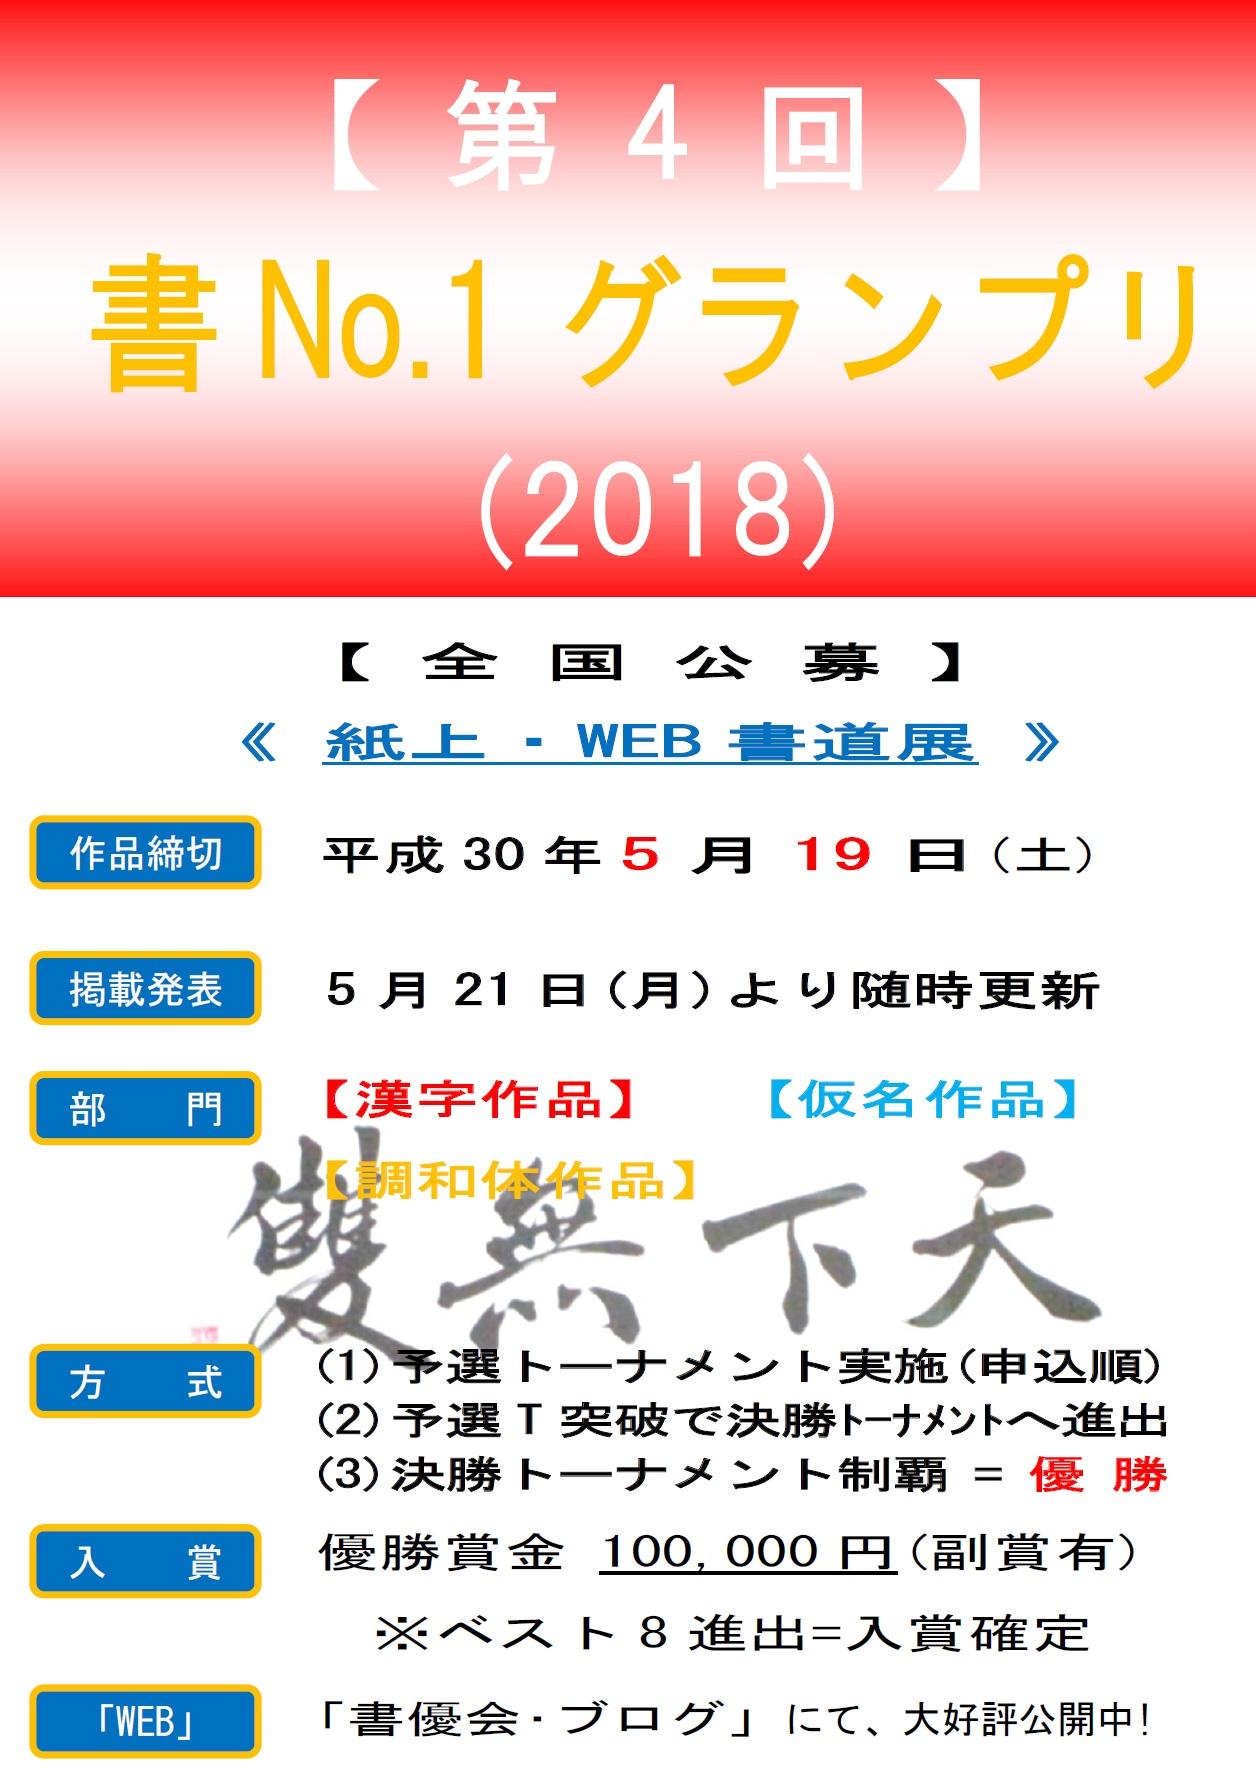 【 第4回 書 No-1 グランプリ(2018) ポスター 】